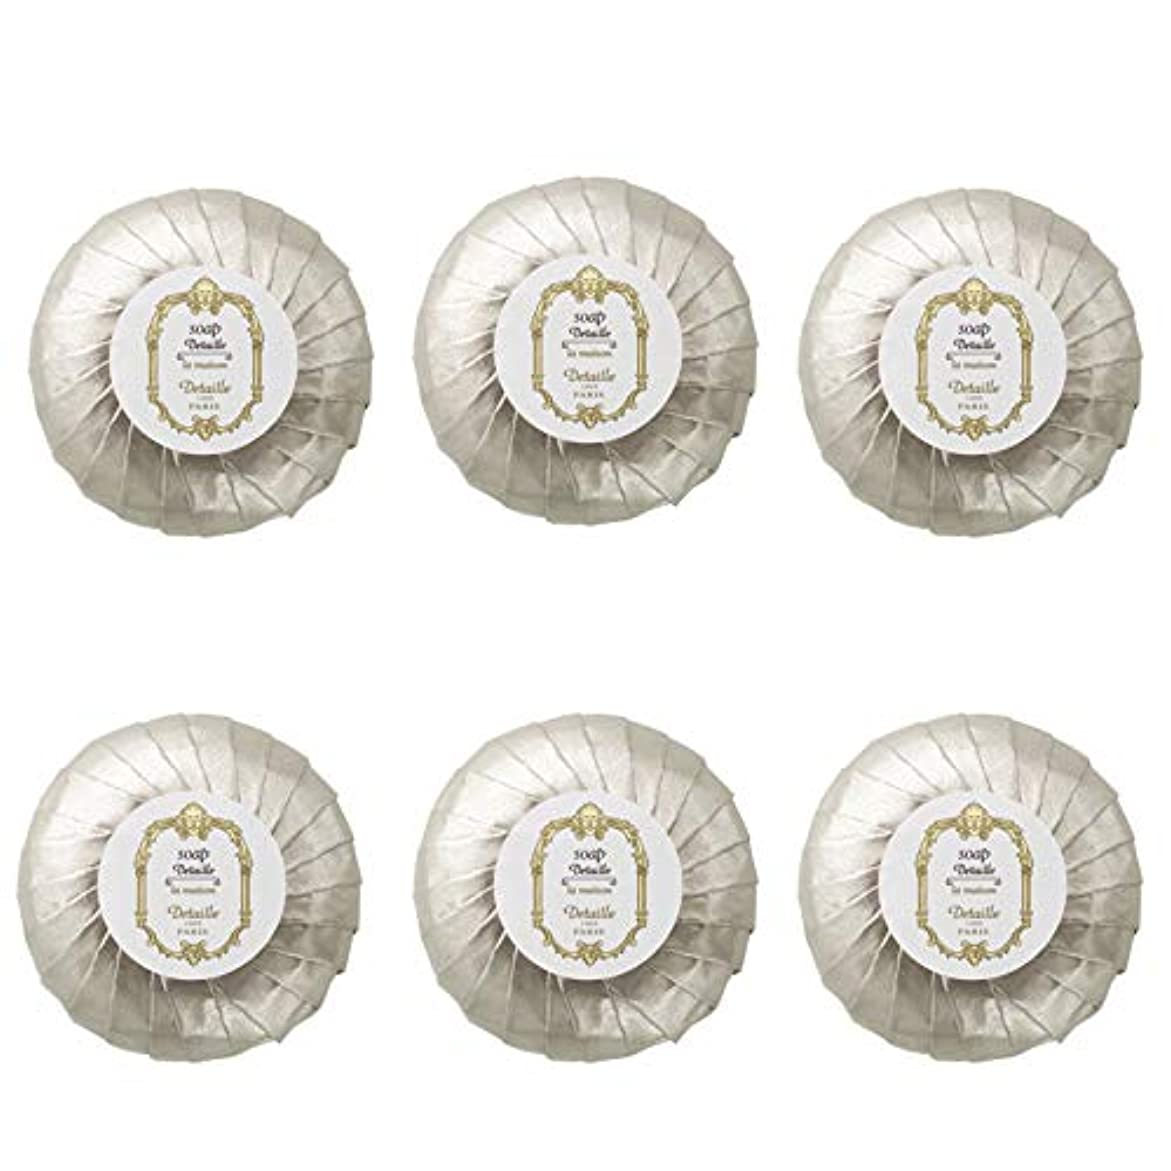 キャンドル愛人助けてPOLA デタイユ ラ メゾン スキンソープ 固形石鹸 (プリーツ包装) 50g×6個